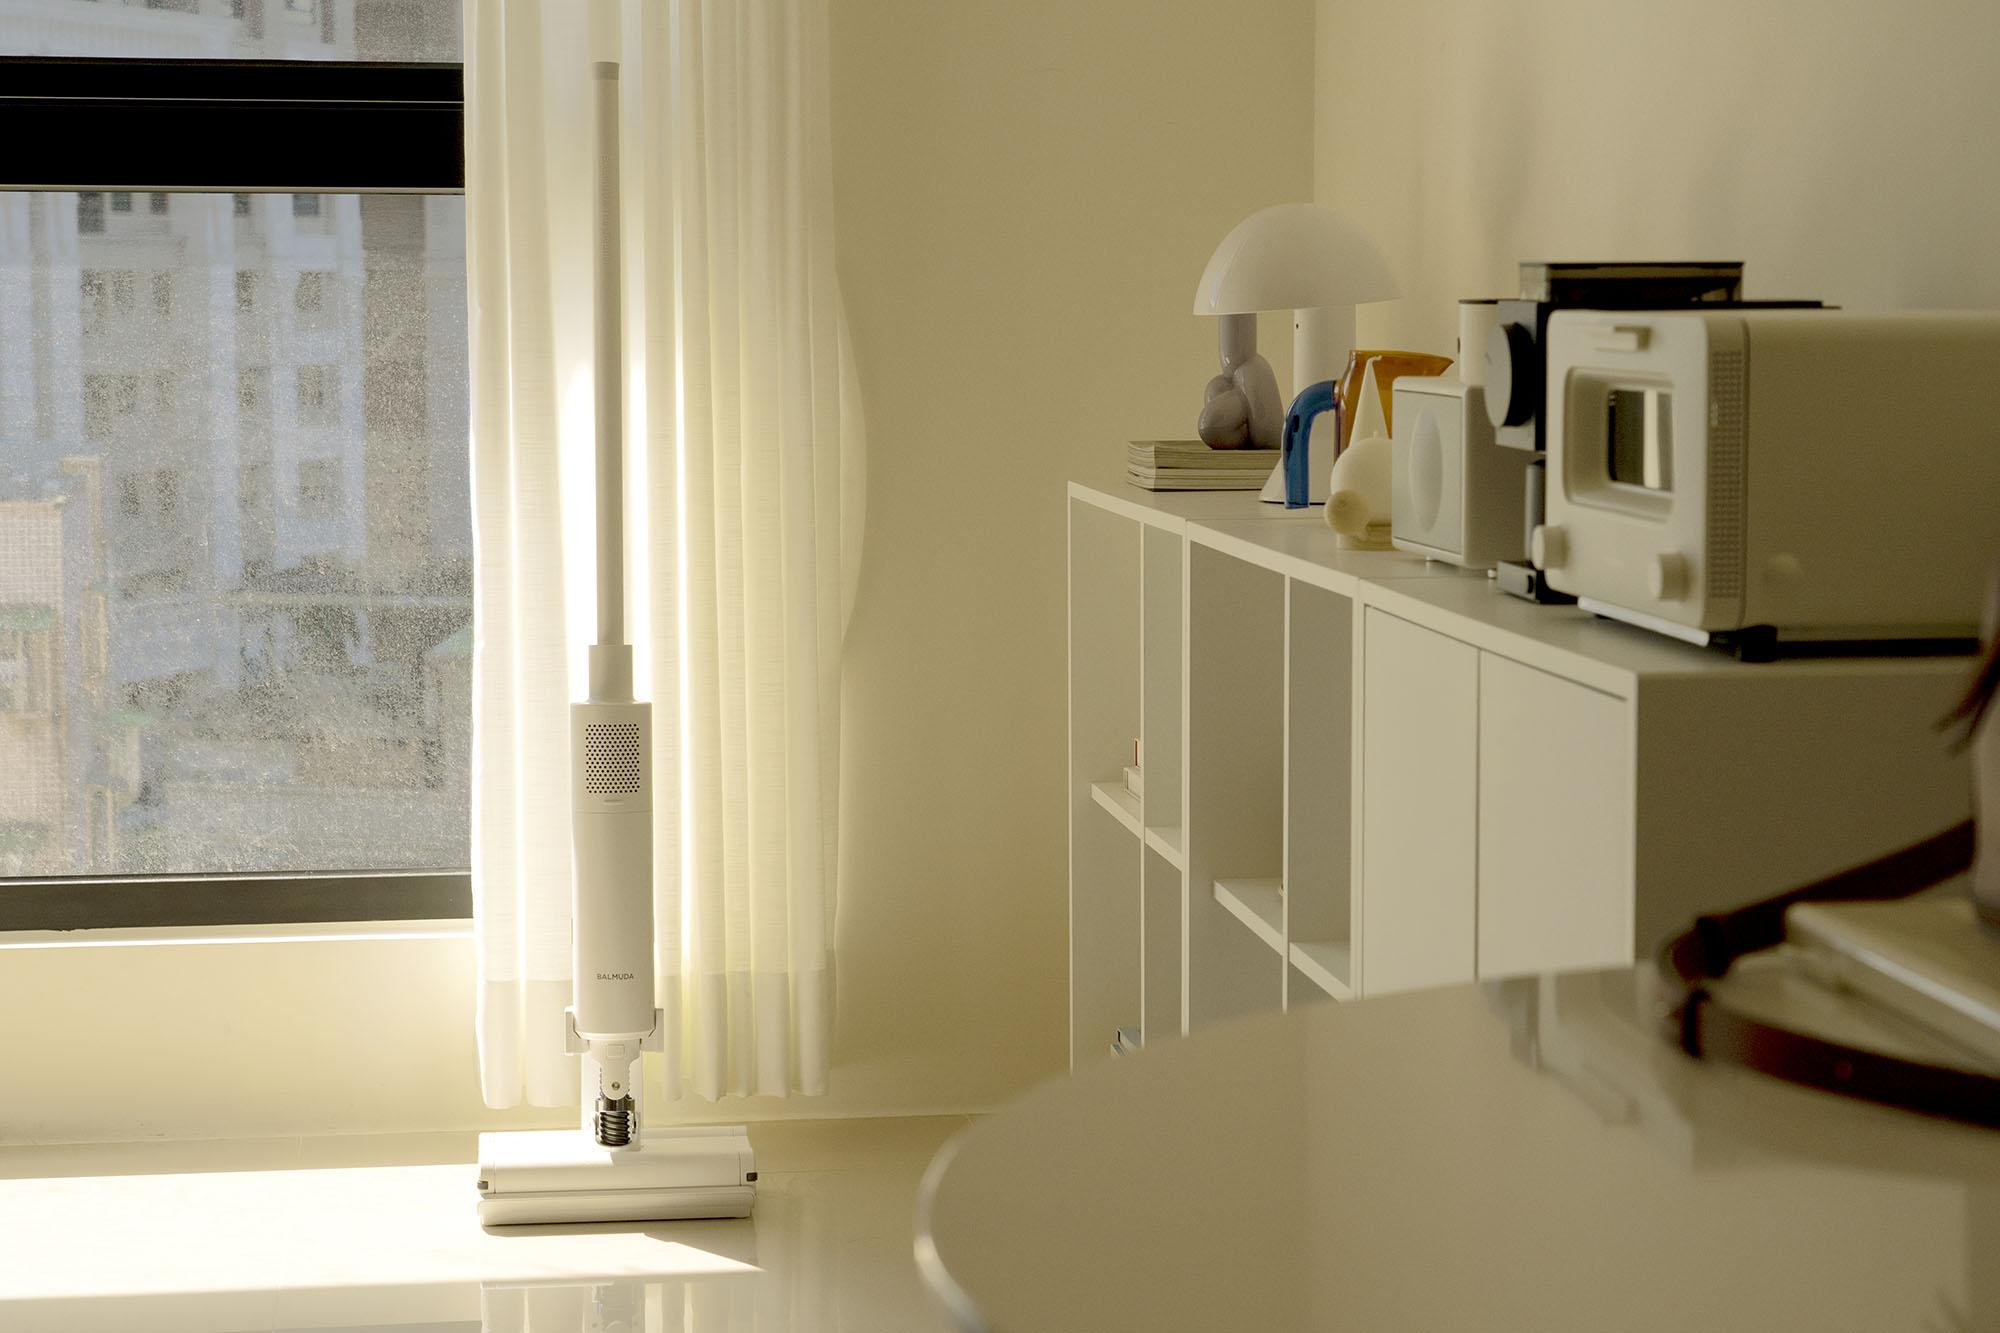 網站近期文章:居家最喜歡的白,是BALMUDA The Cleaner 無線吸塵器的白,讓日子輕鬆保持最舒心的白淨。